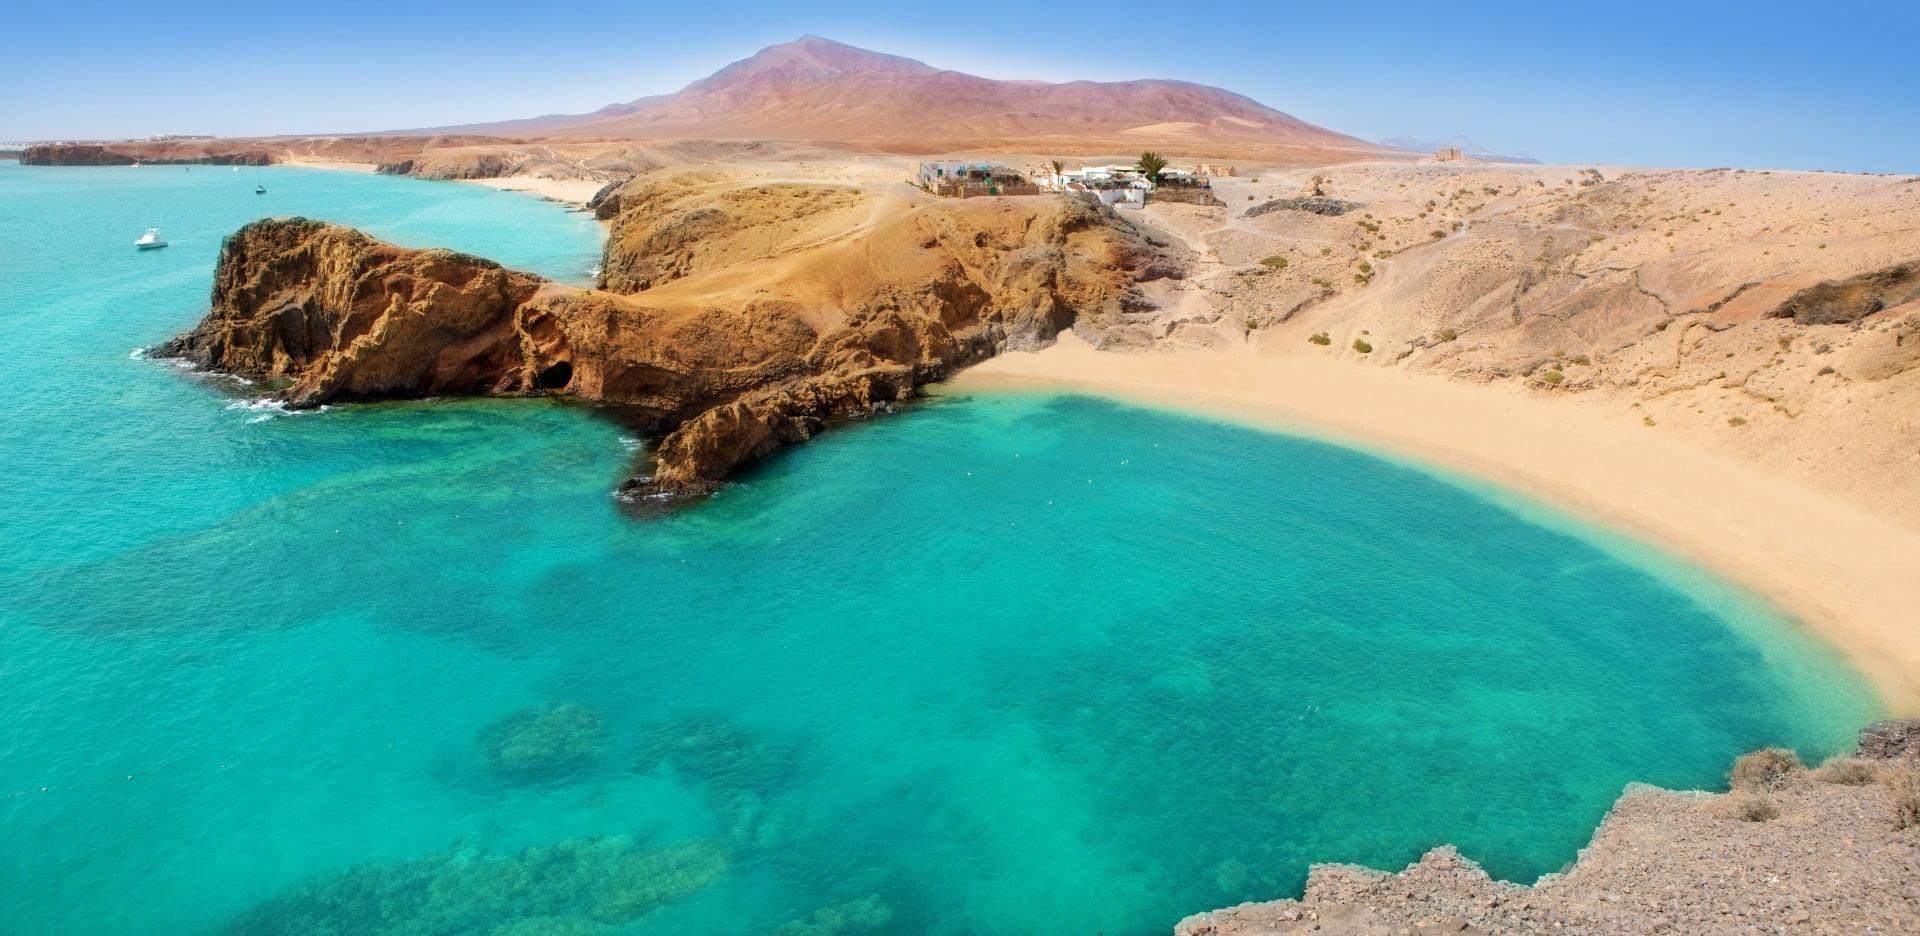 plaża na wyspach kanaryjskich, błękitne morze i skały